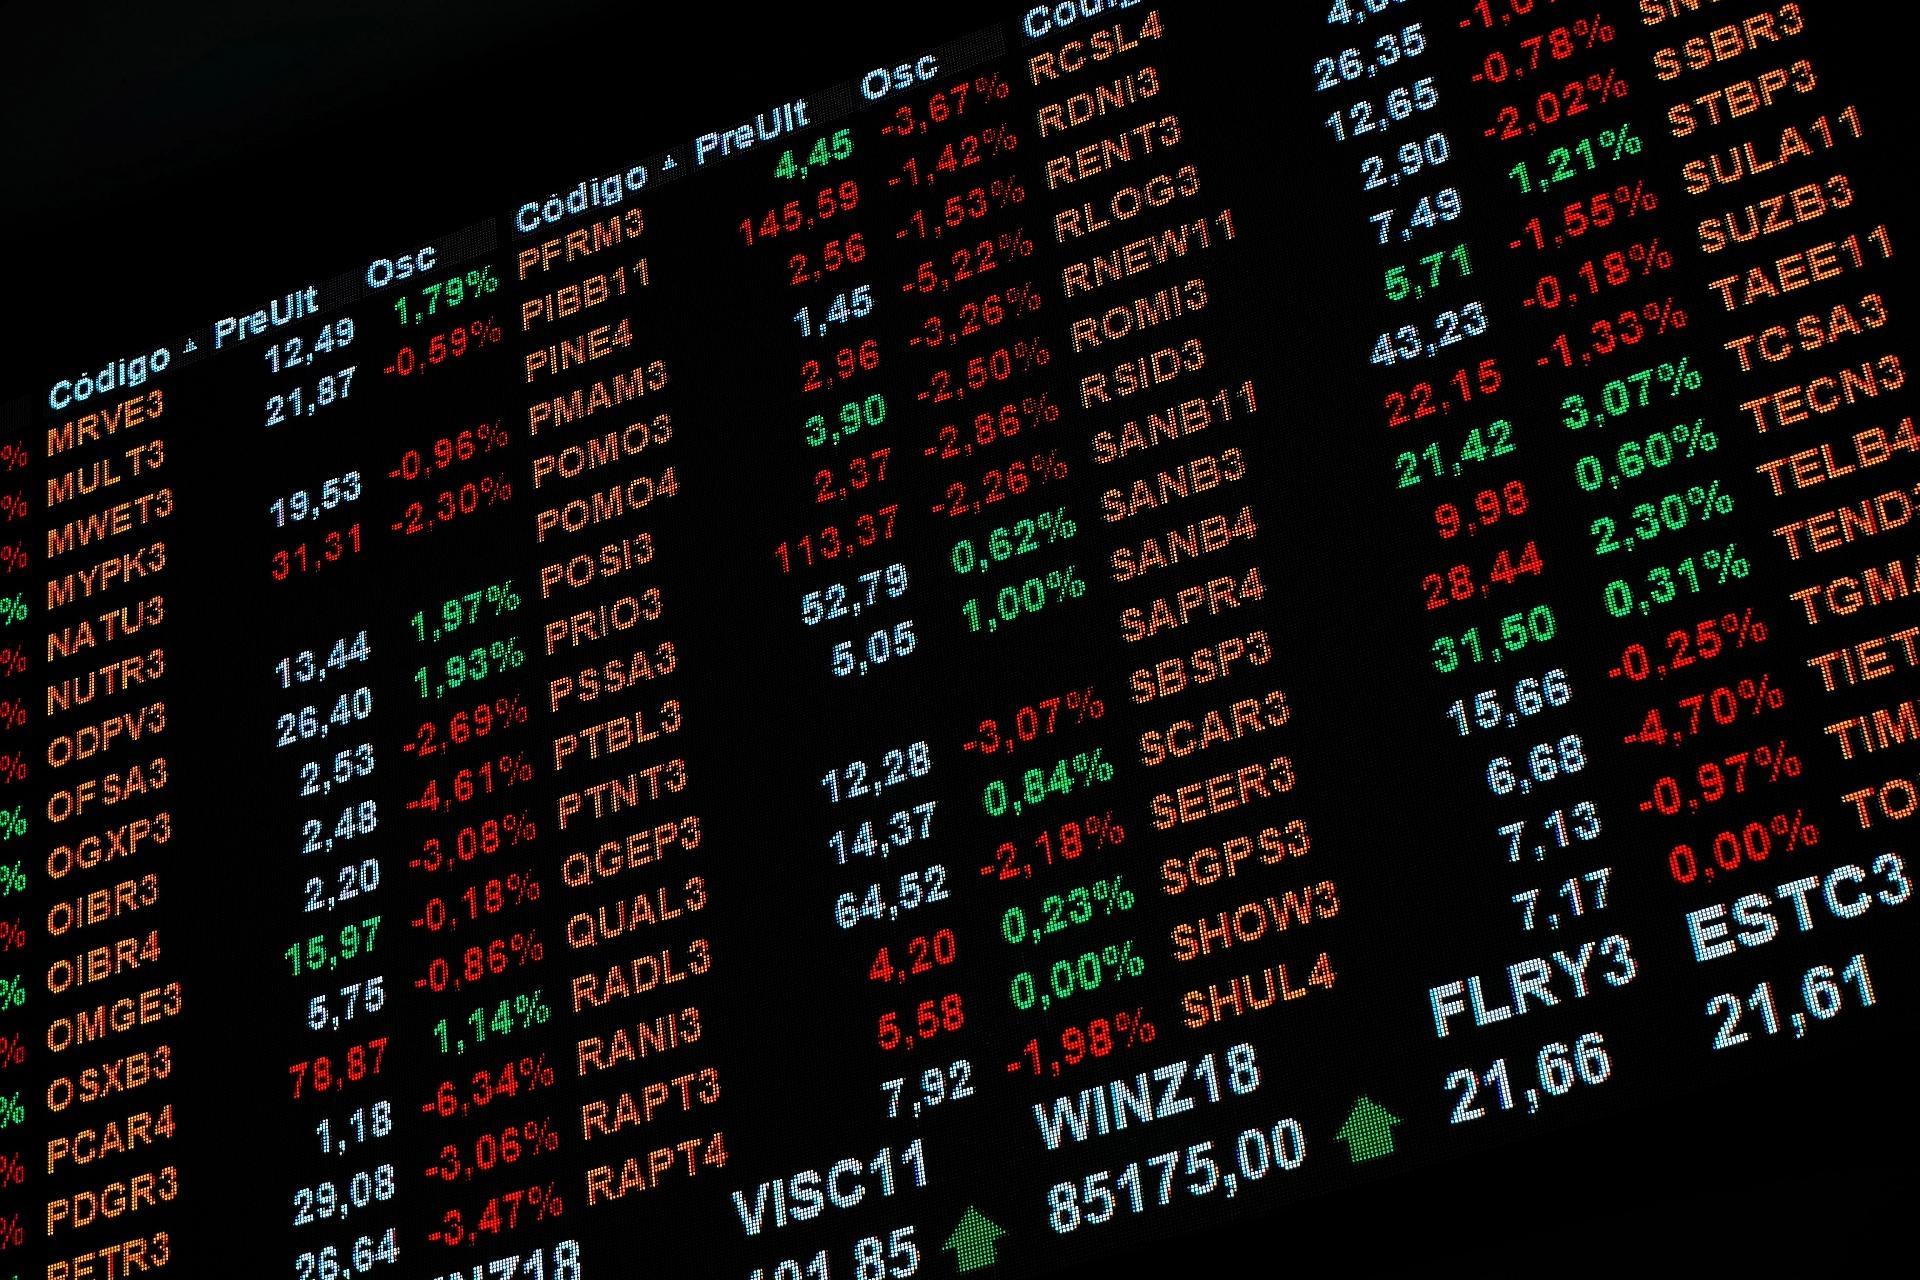 80c02d3c5 Após recorde, vale investir na Bolsa? Veja o que esperar e ações indicadas  - 07/12/2018 - UOL Economia